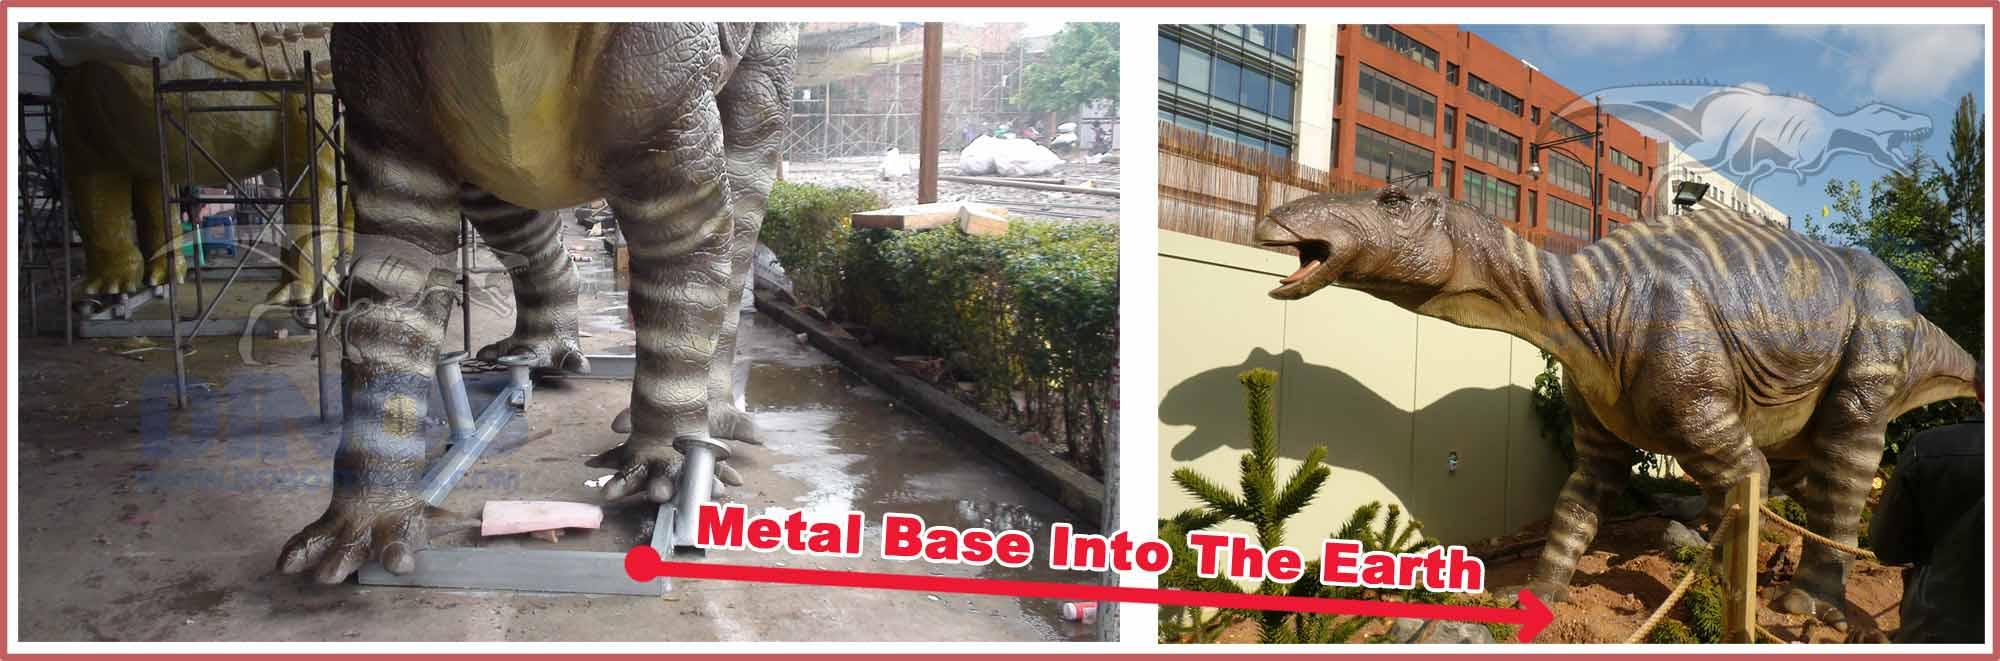 Animatronic-Dinosaurs-Metal-Base